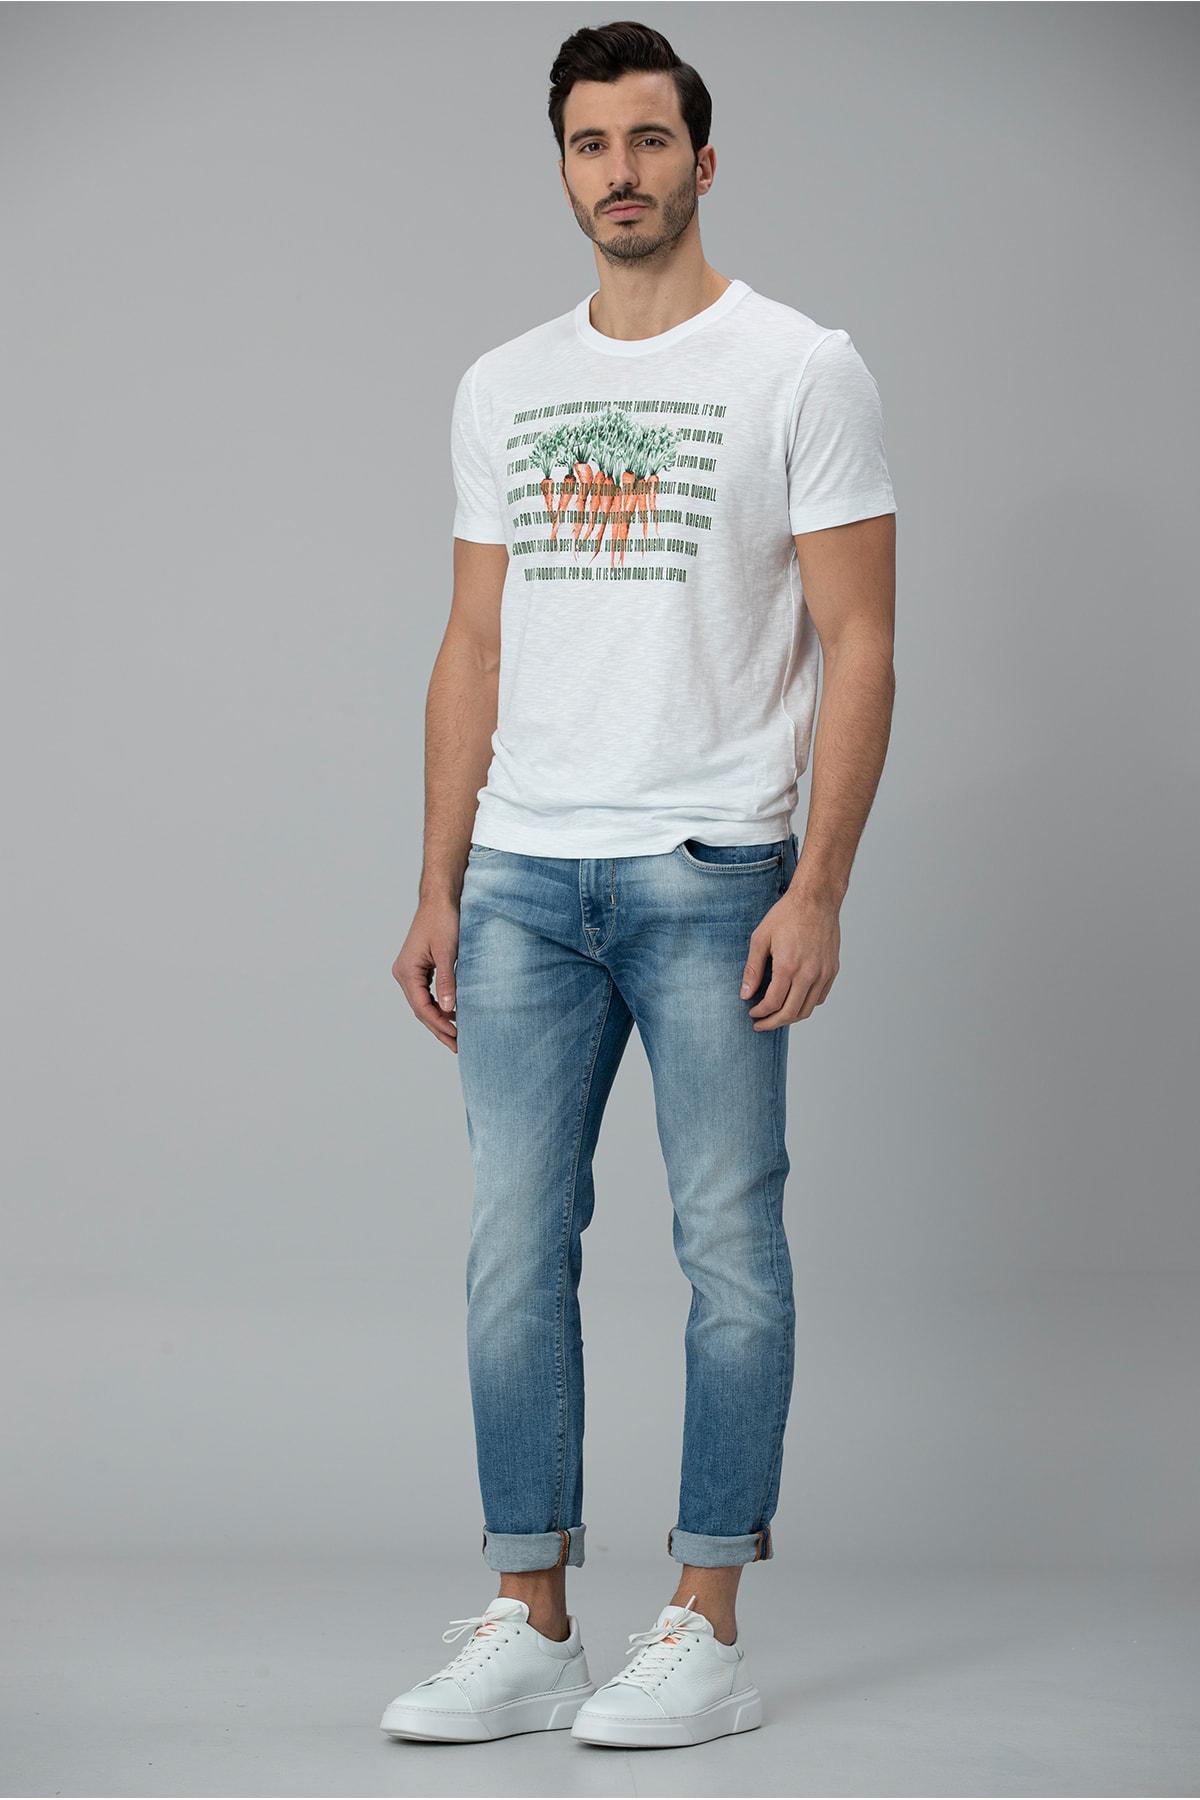 Lufian Gigest Modern Grafik T- Shirt Beyaz 0